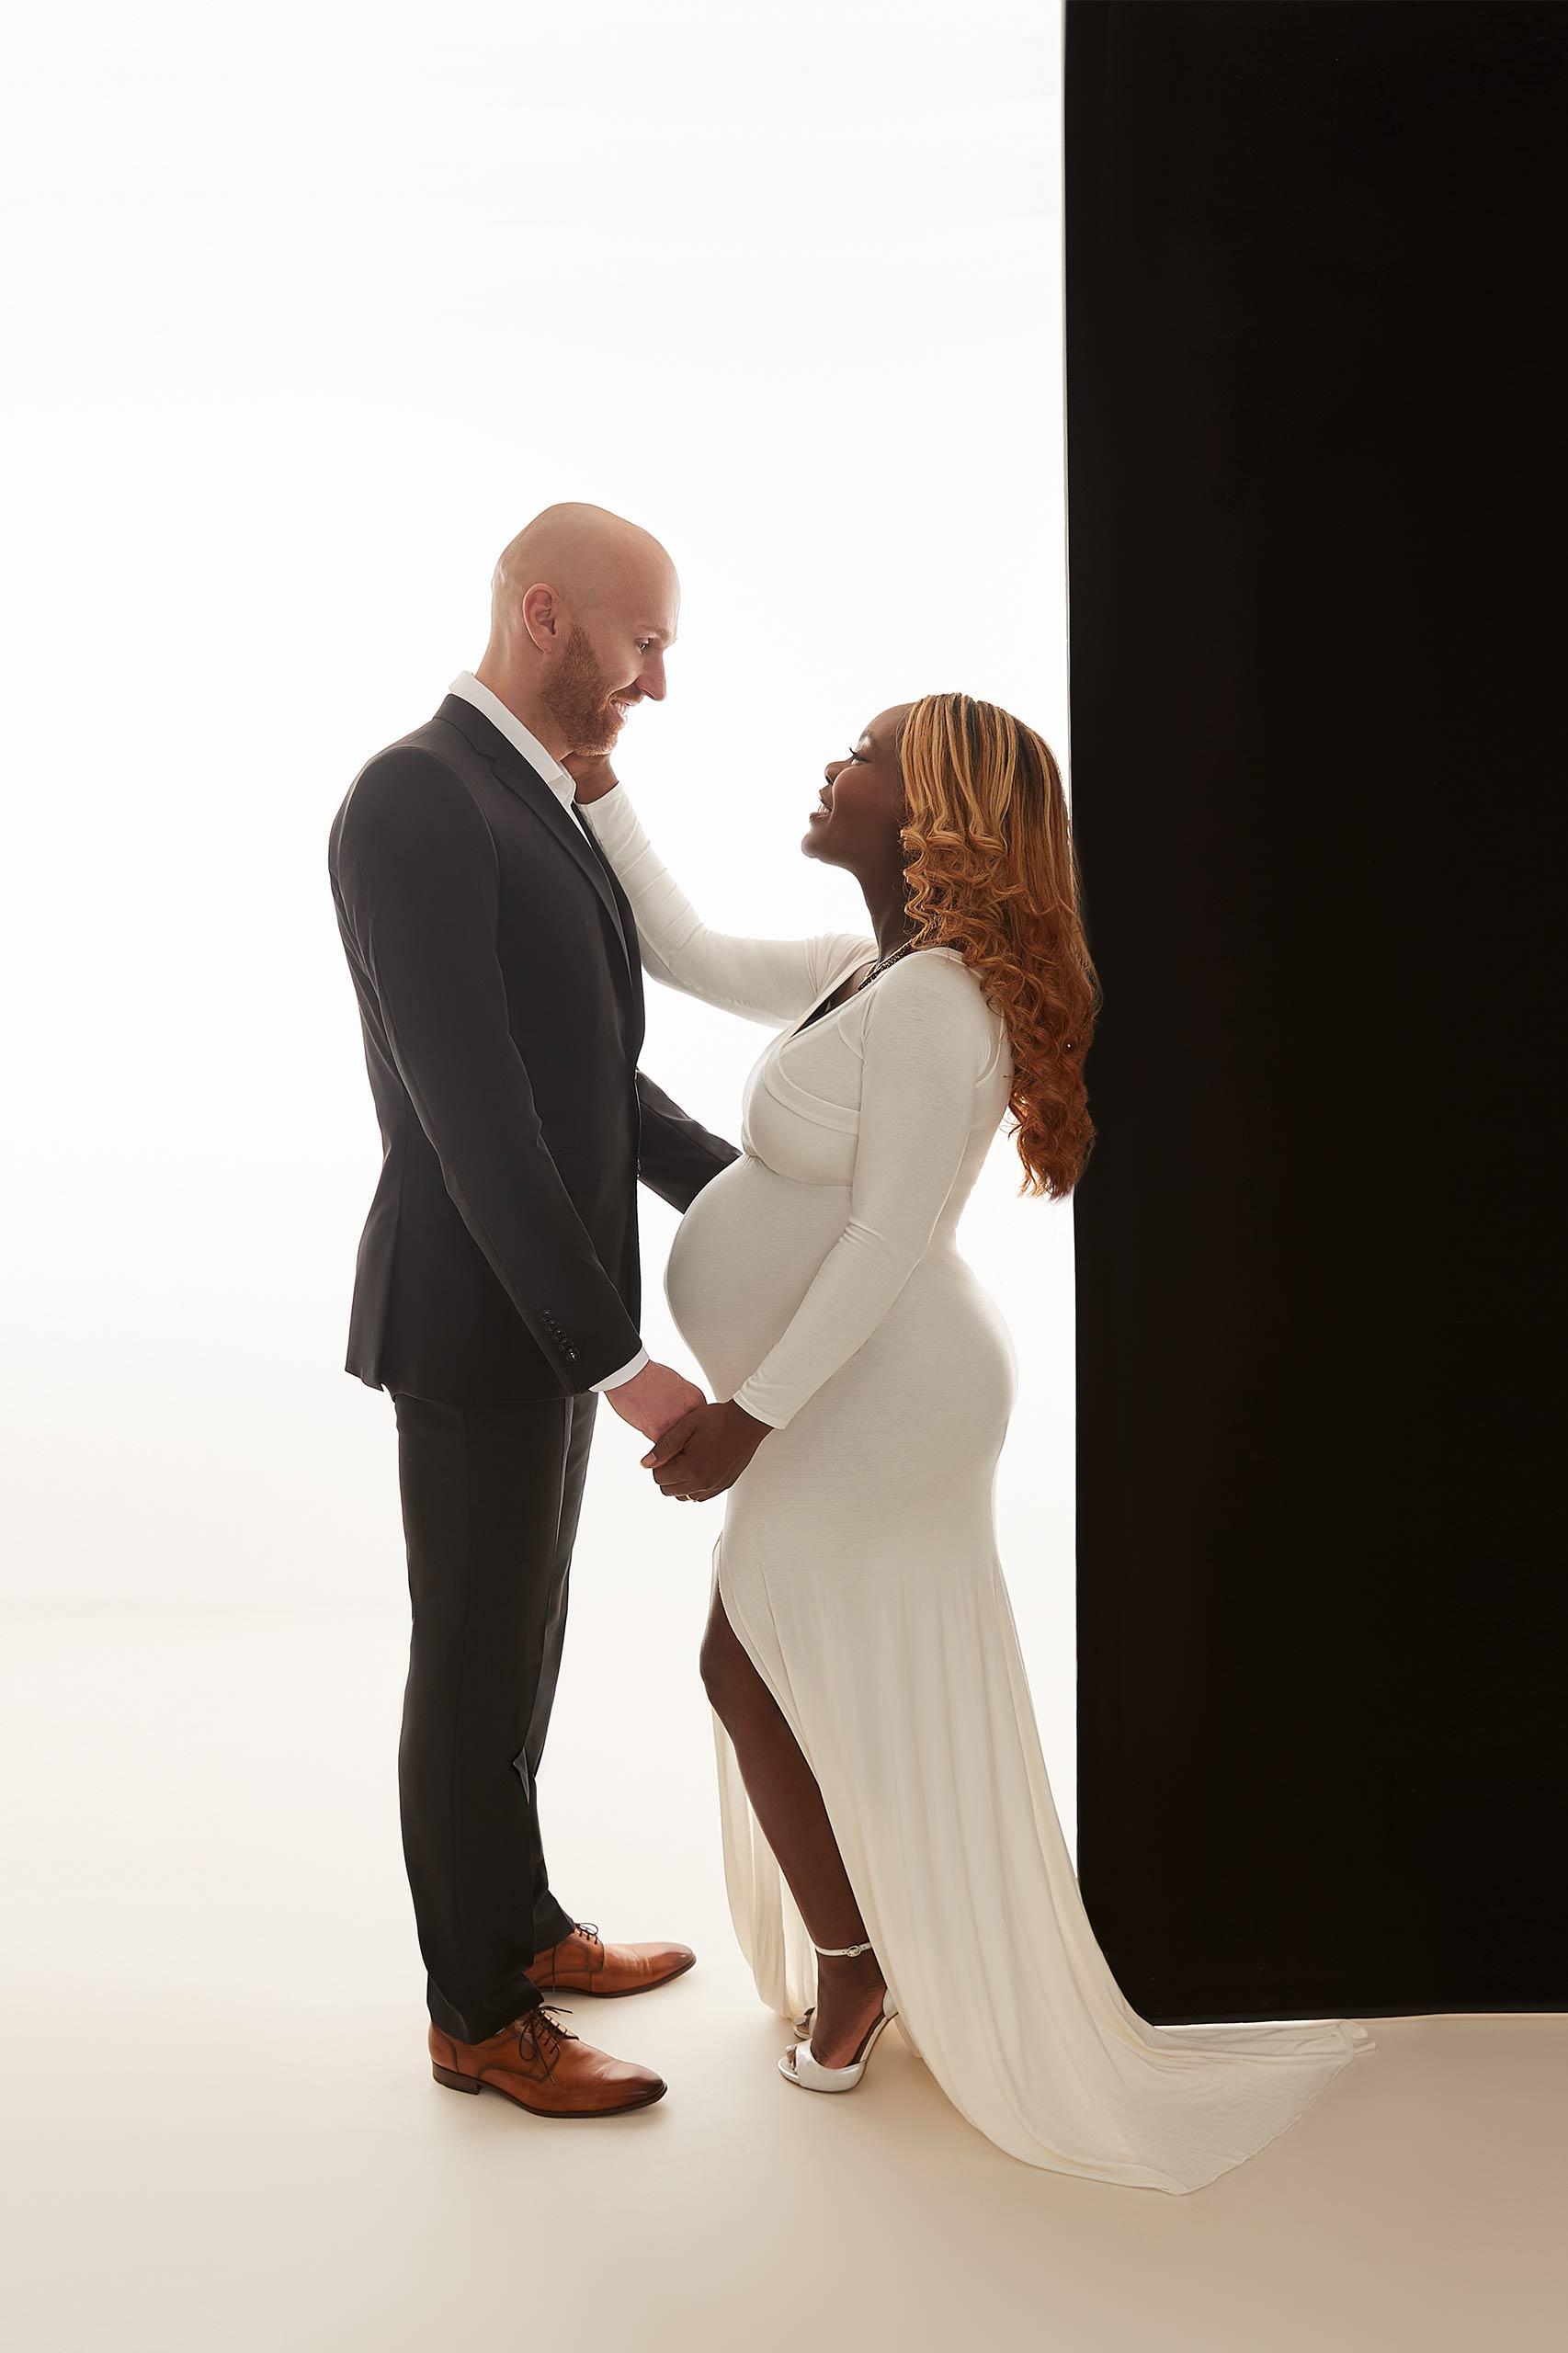 Schwangere Frau mit Partner Fotoshooting